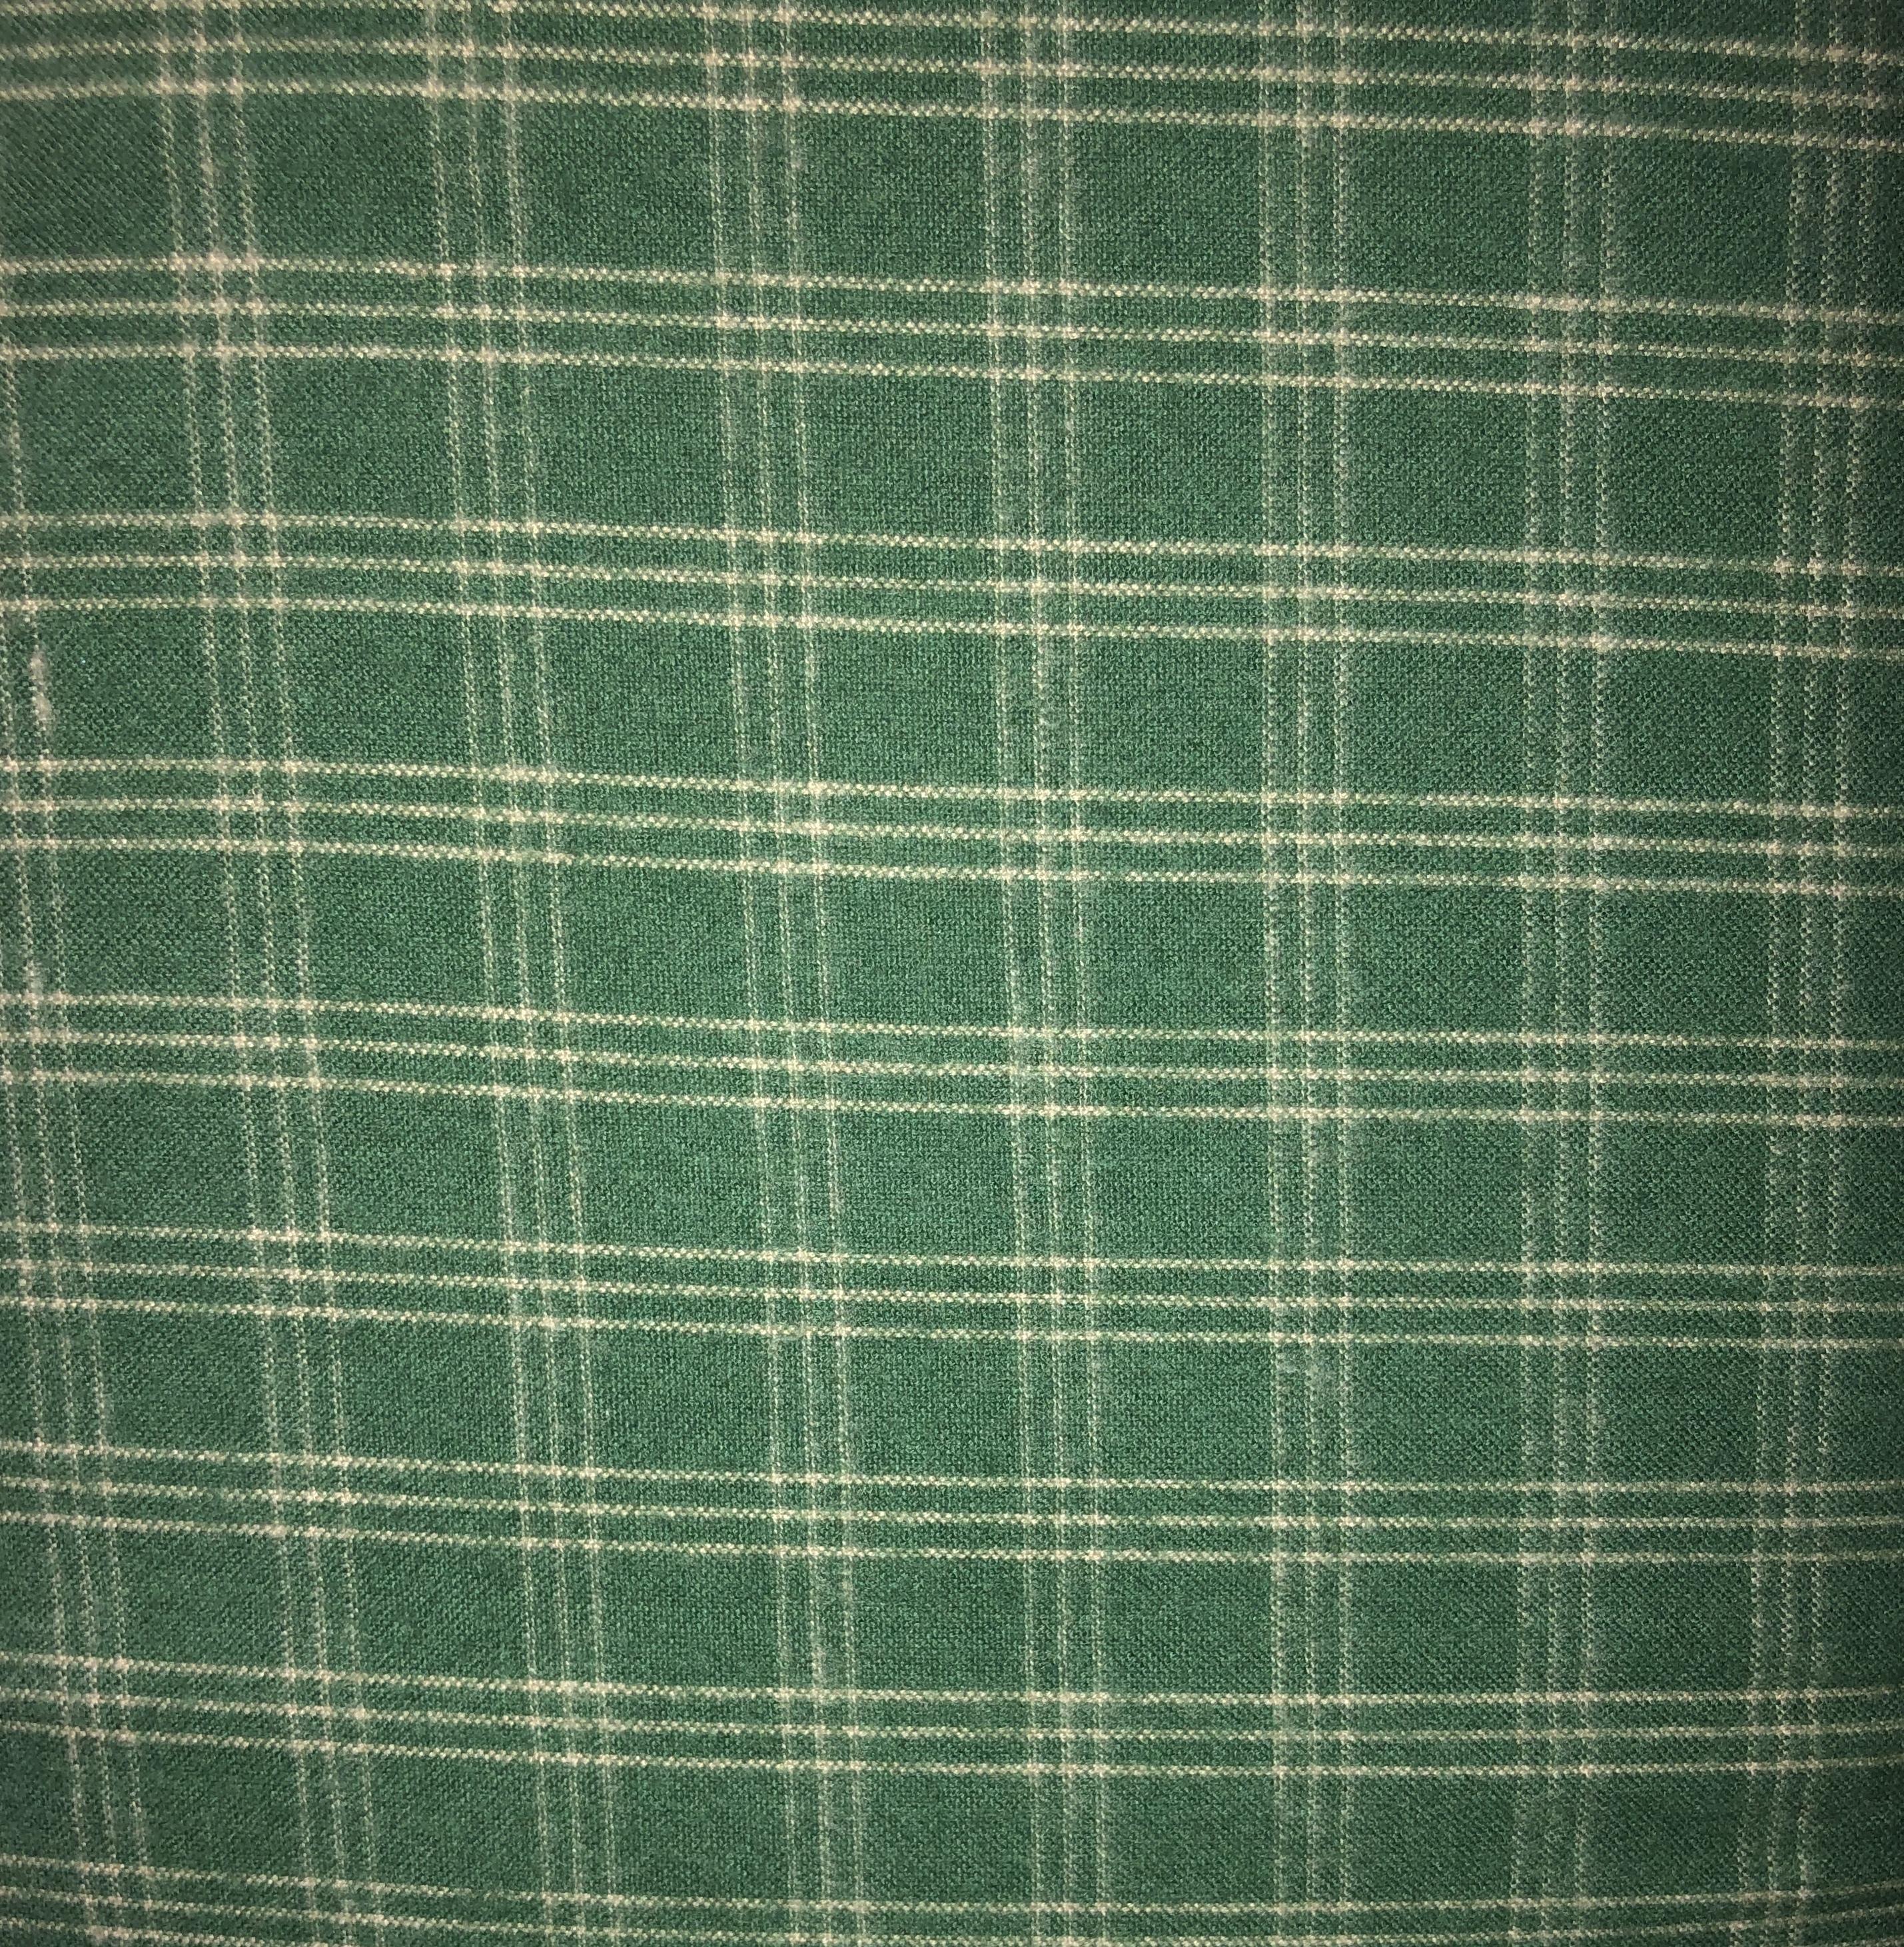 Yarn Dyed Flannel - Green Plaid - 1/2m cut 55167